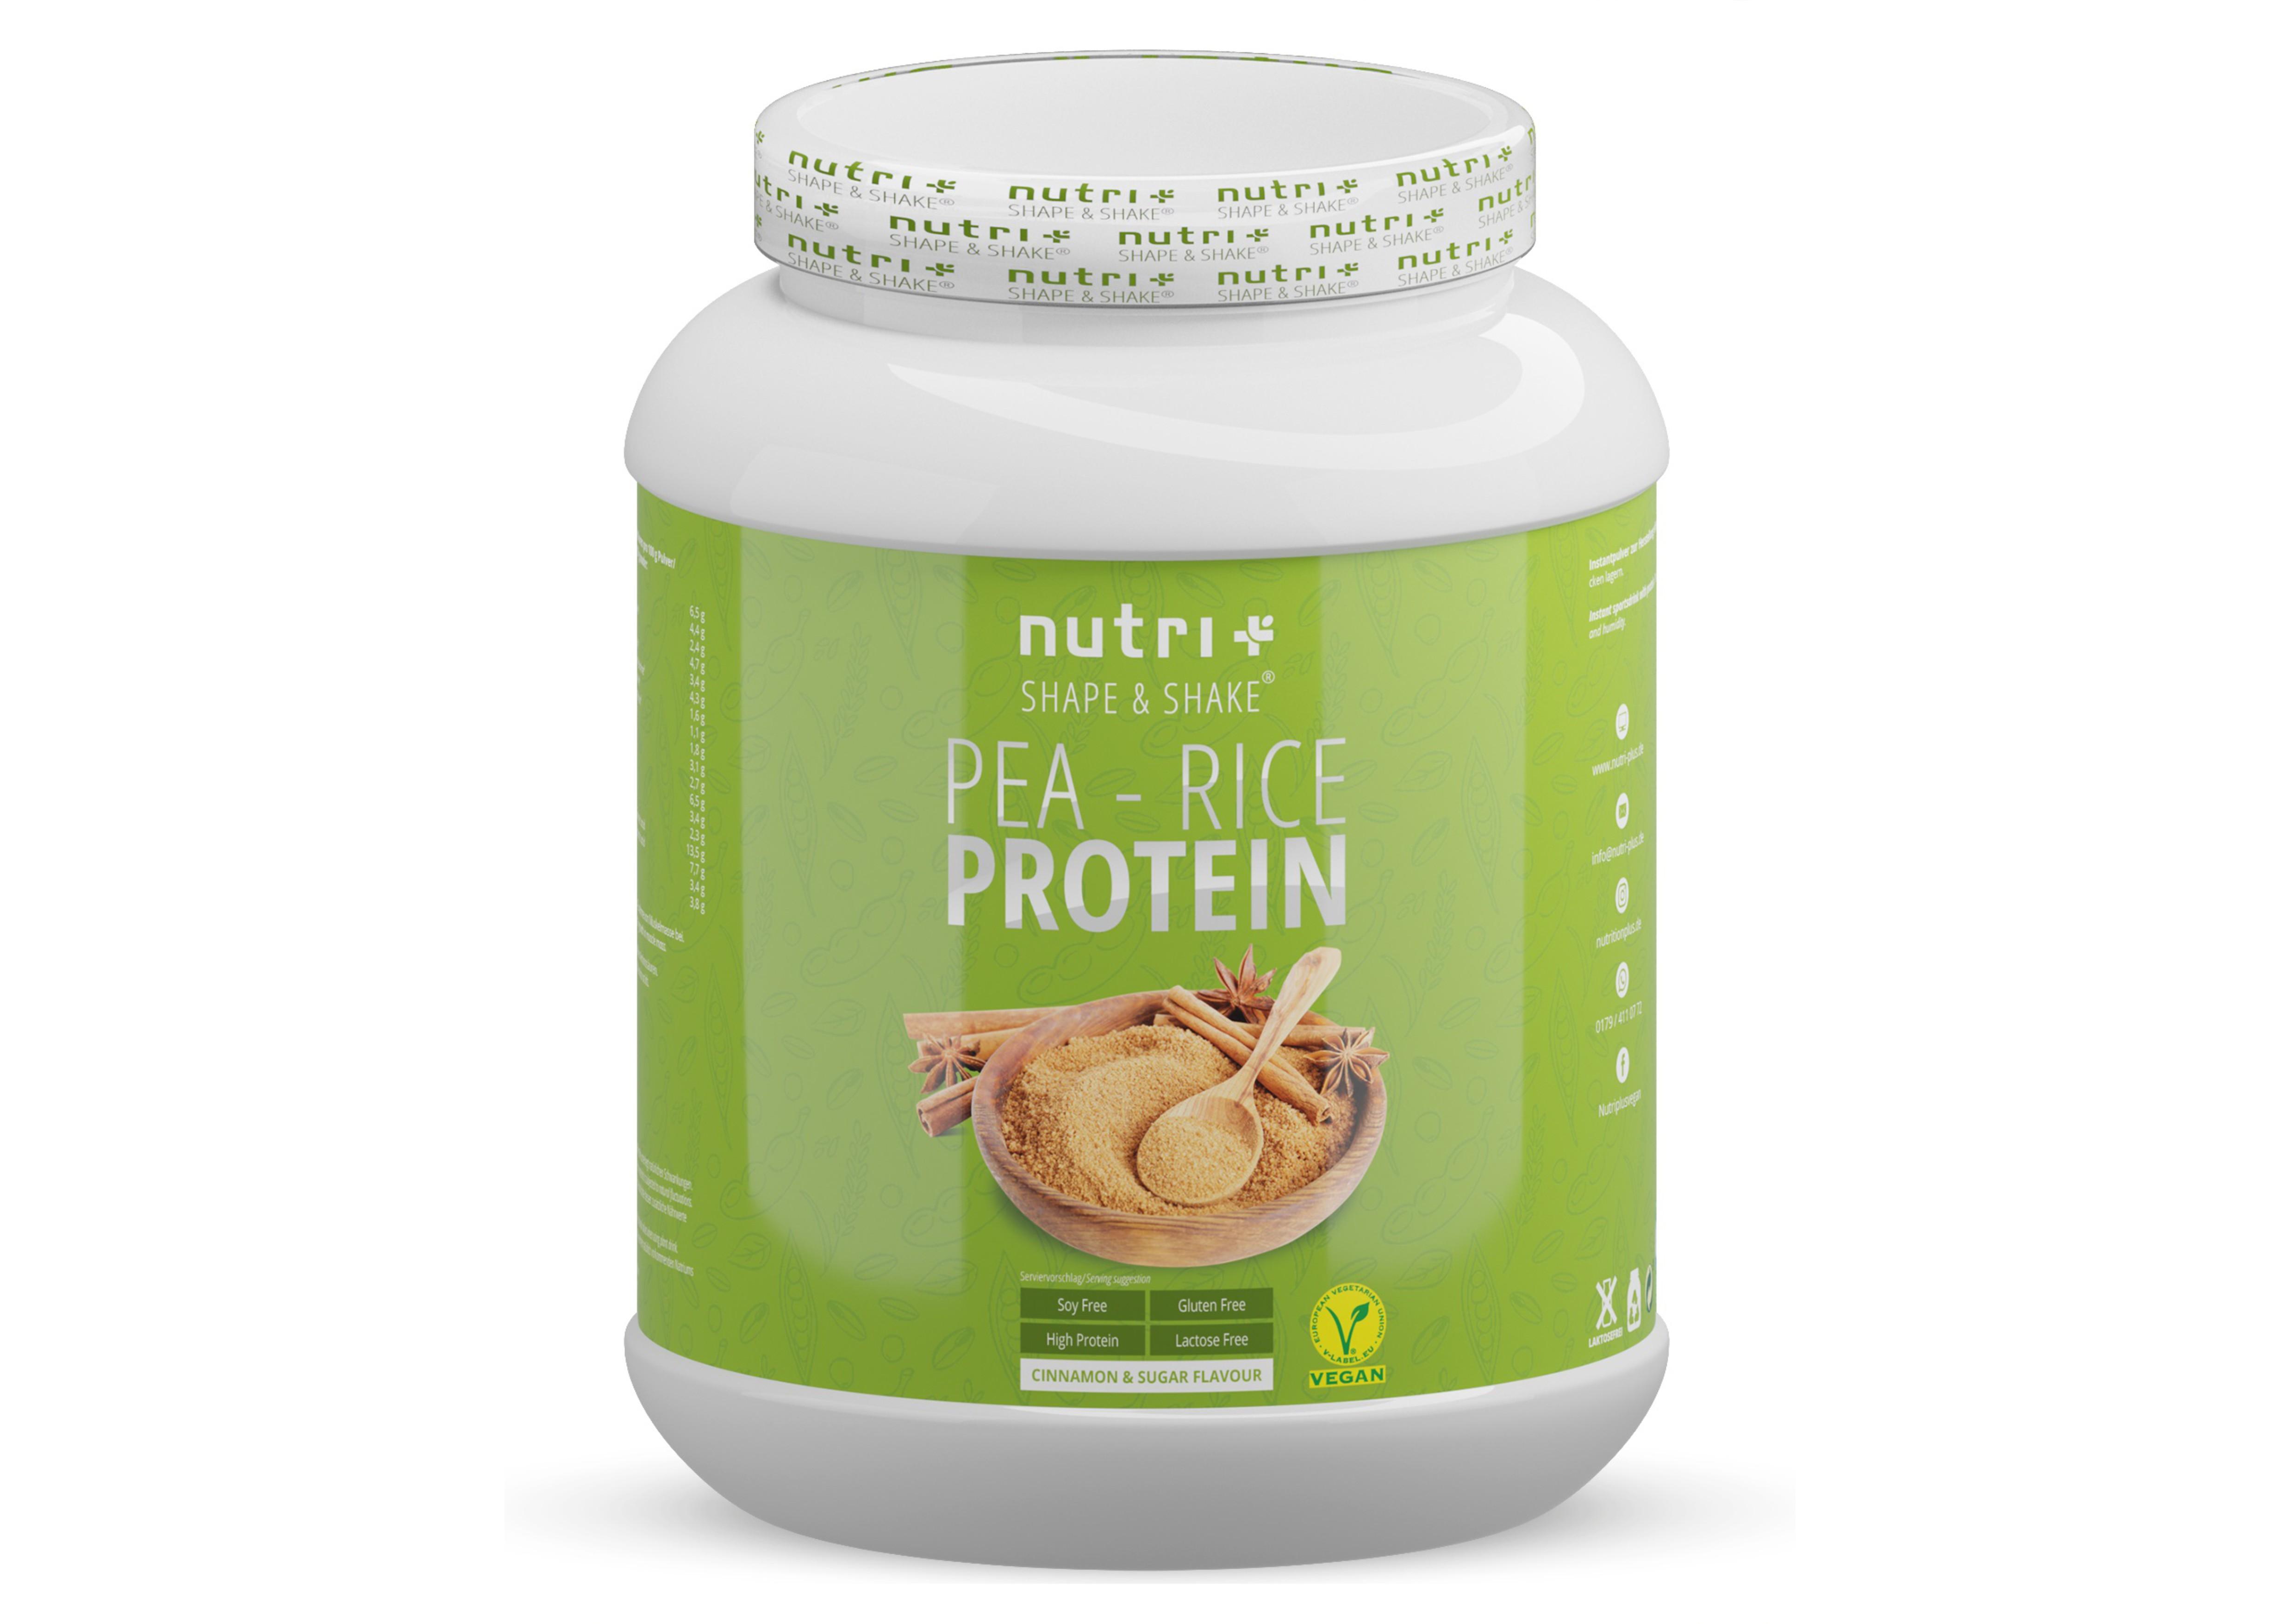 nutri+ Vegan Pea-Rice Proteinpulver